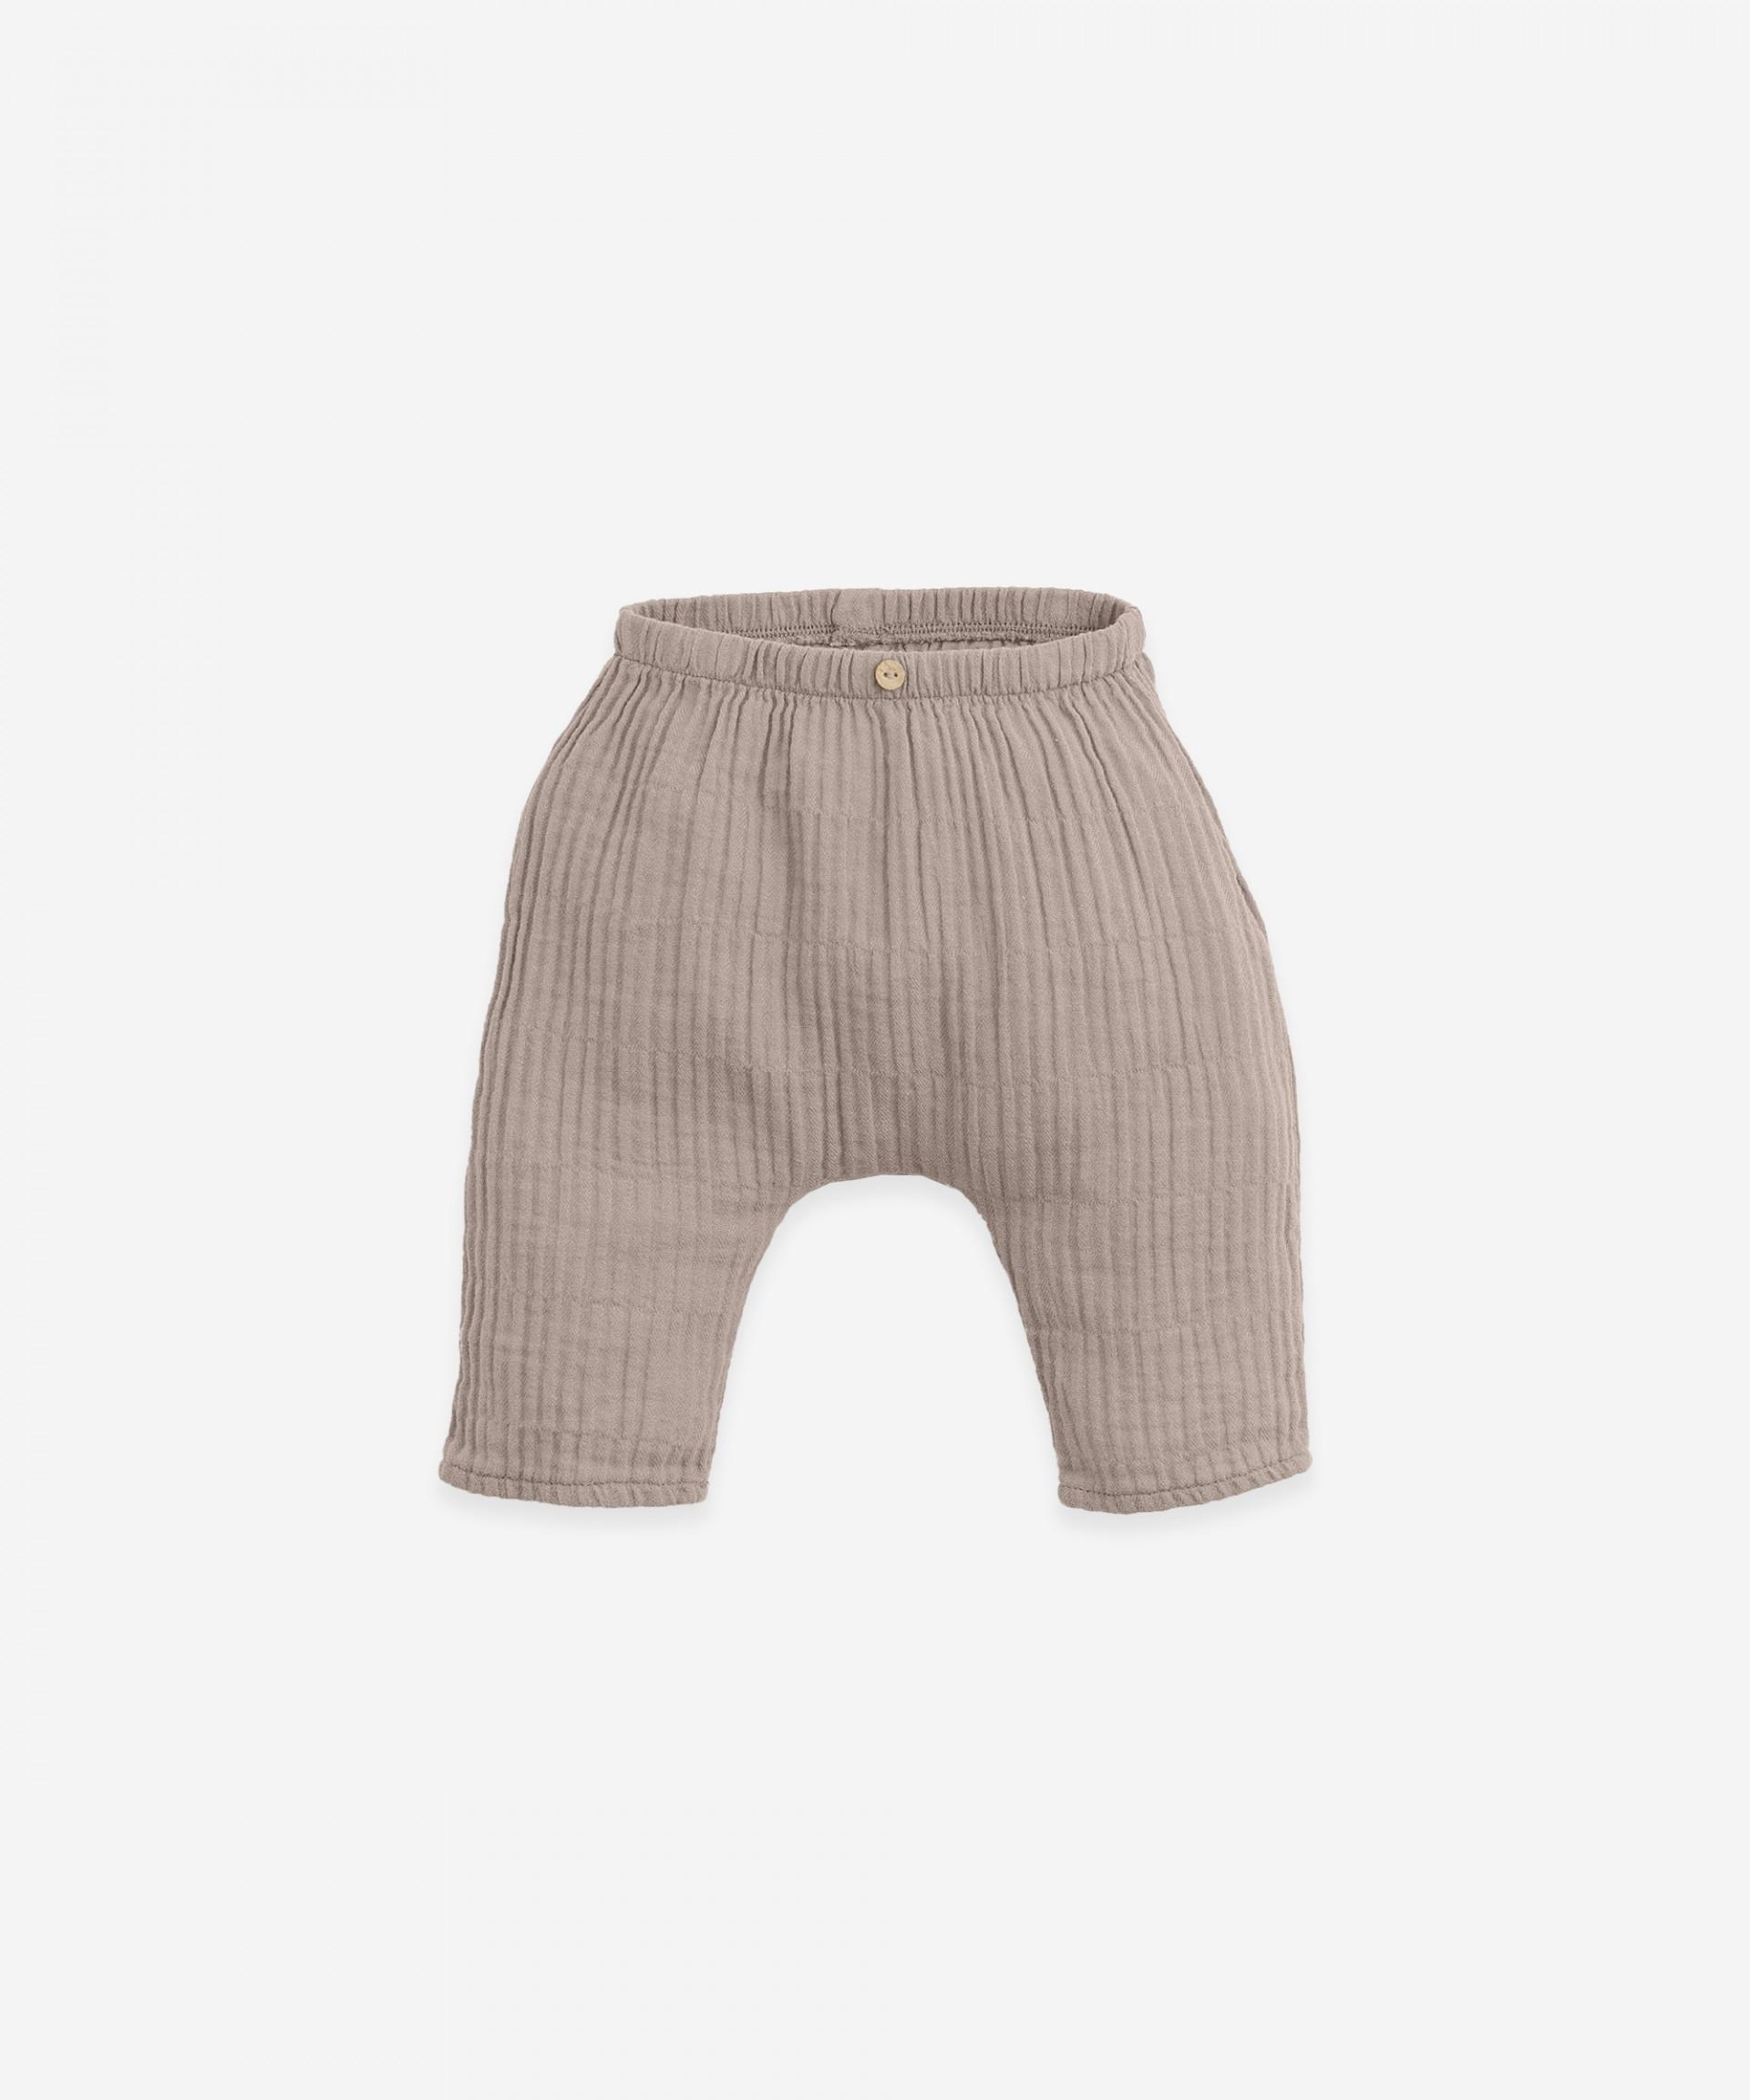 Pantalón de algodón | Botany